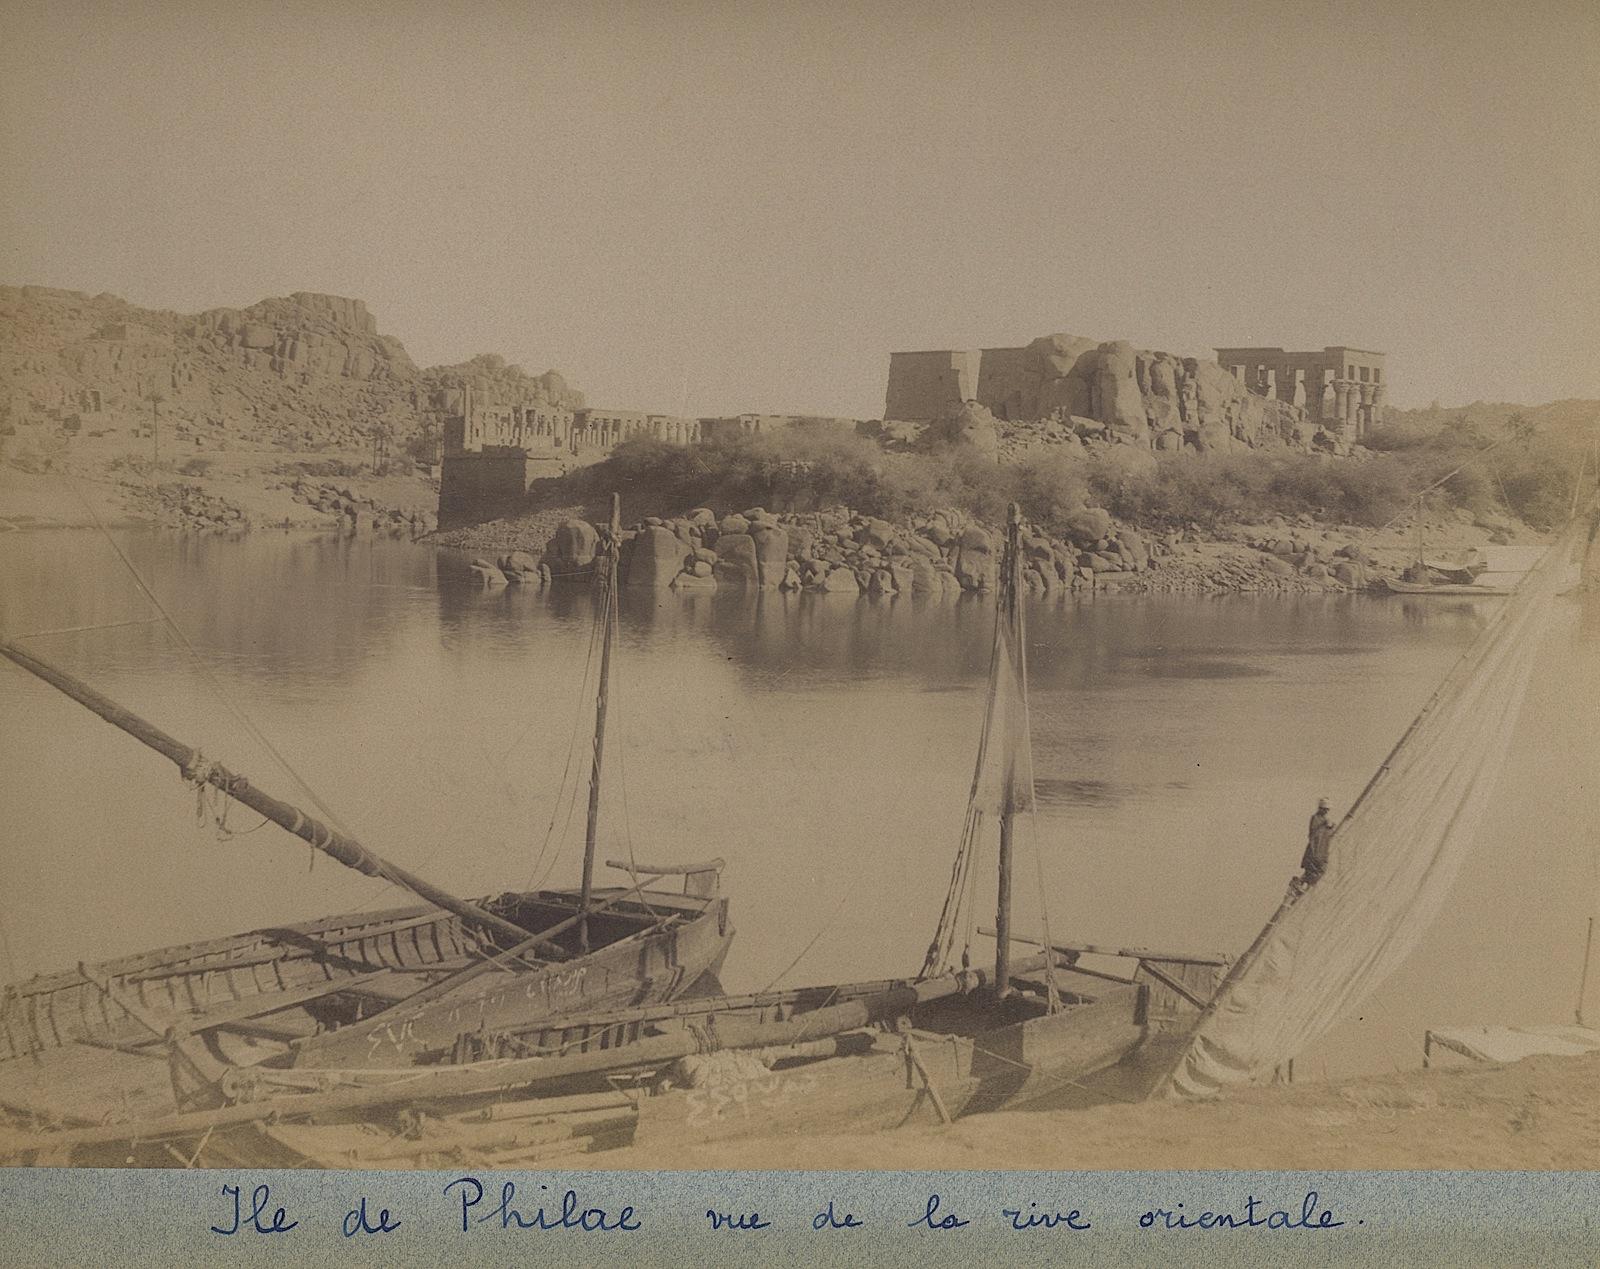 21-Beato-Ile de Philae-vue de la rive orientale